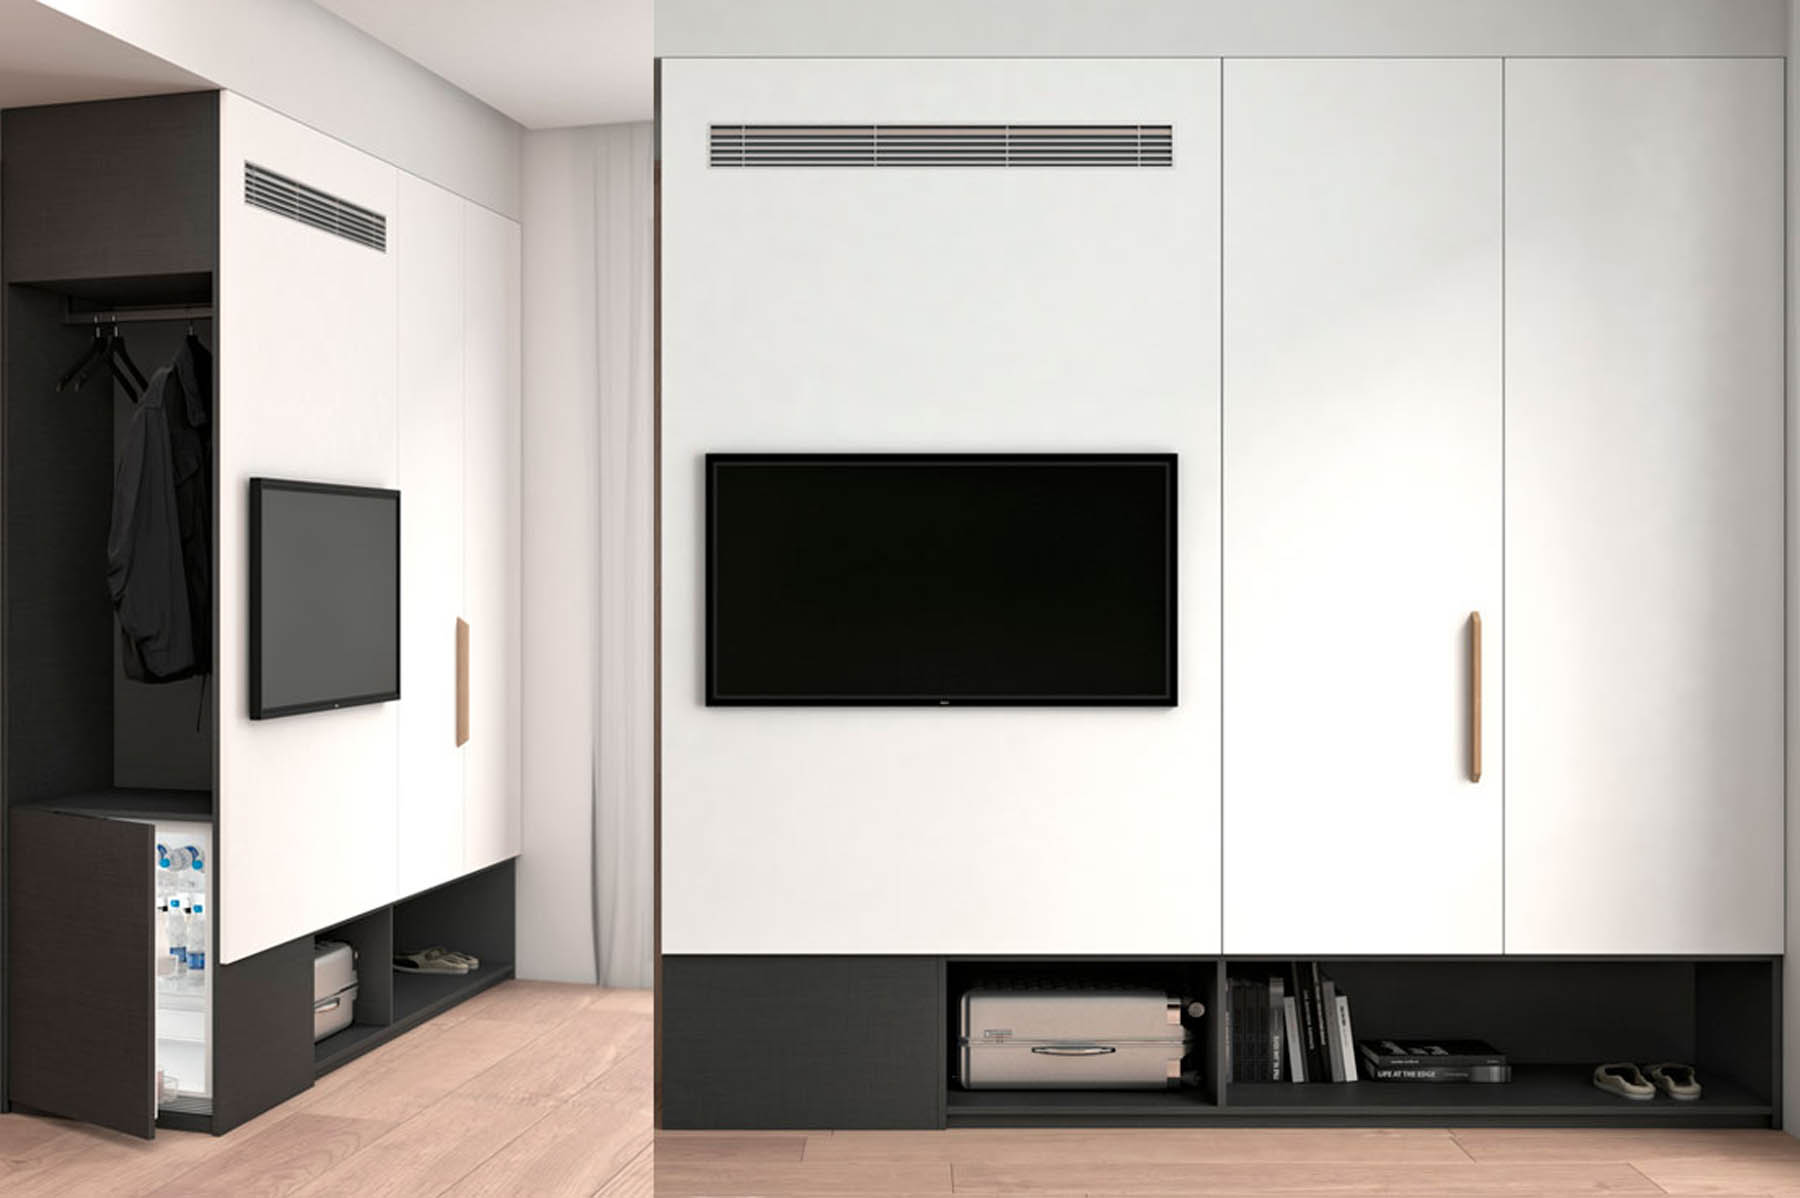 Disseny de mobiliari per a usos diferents